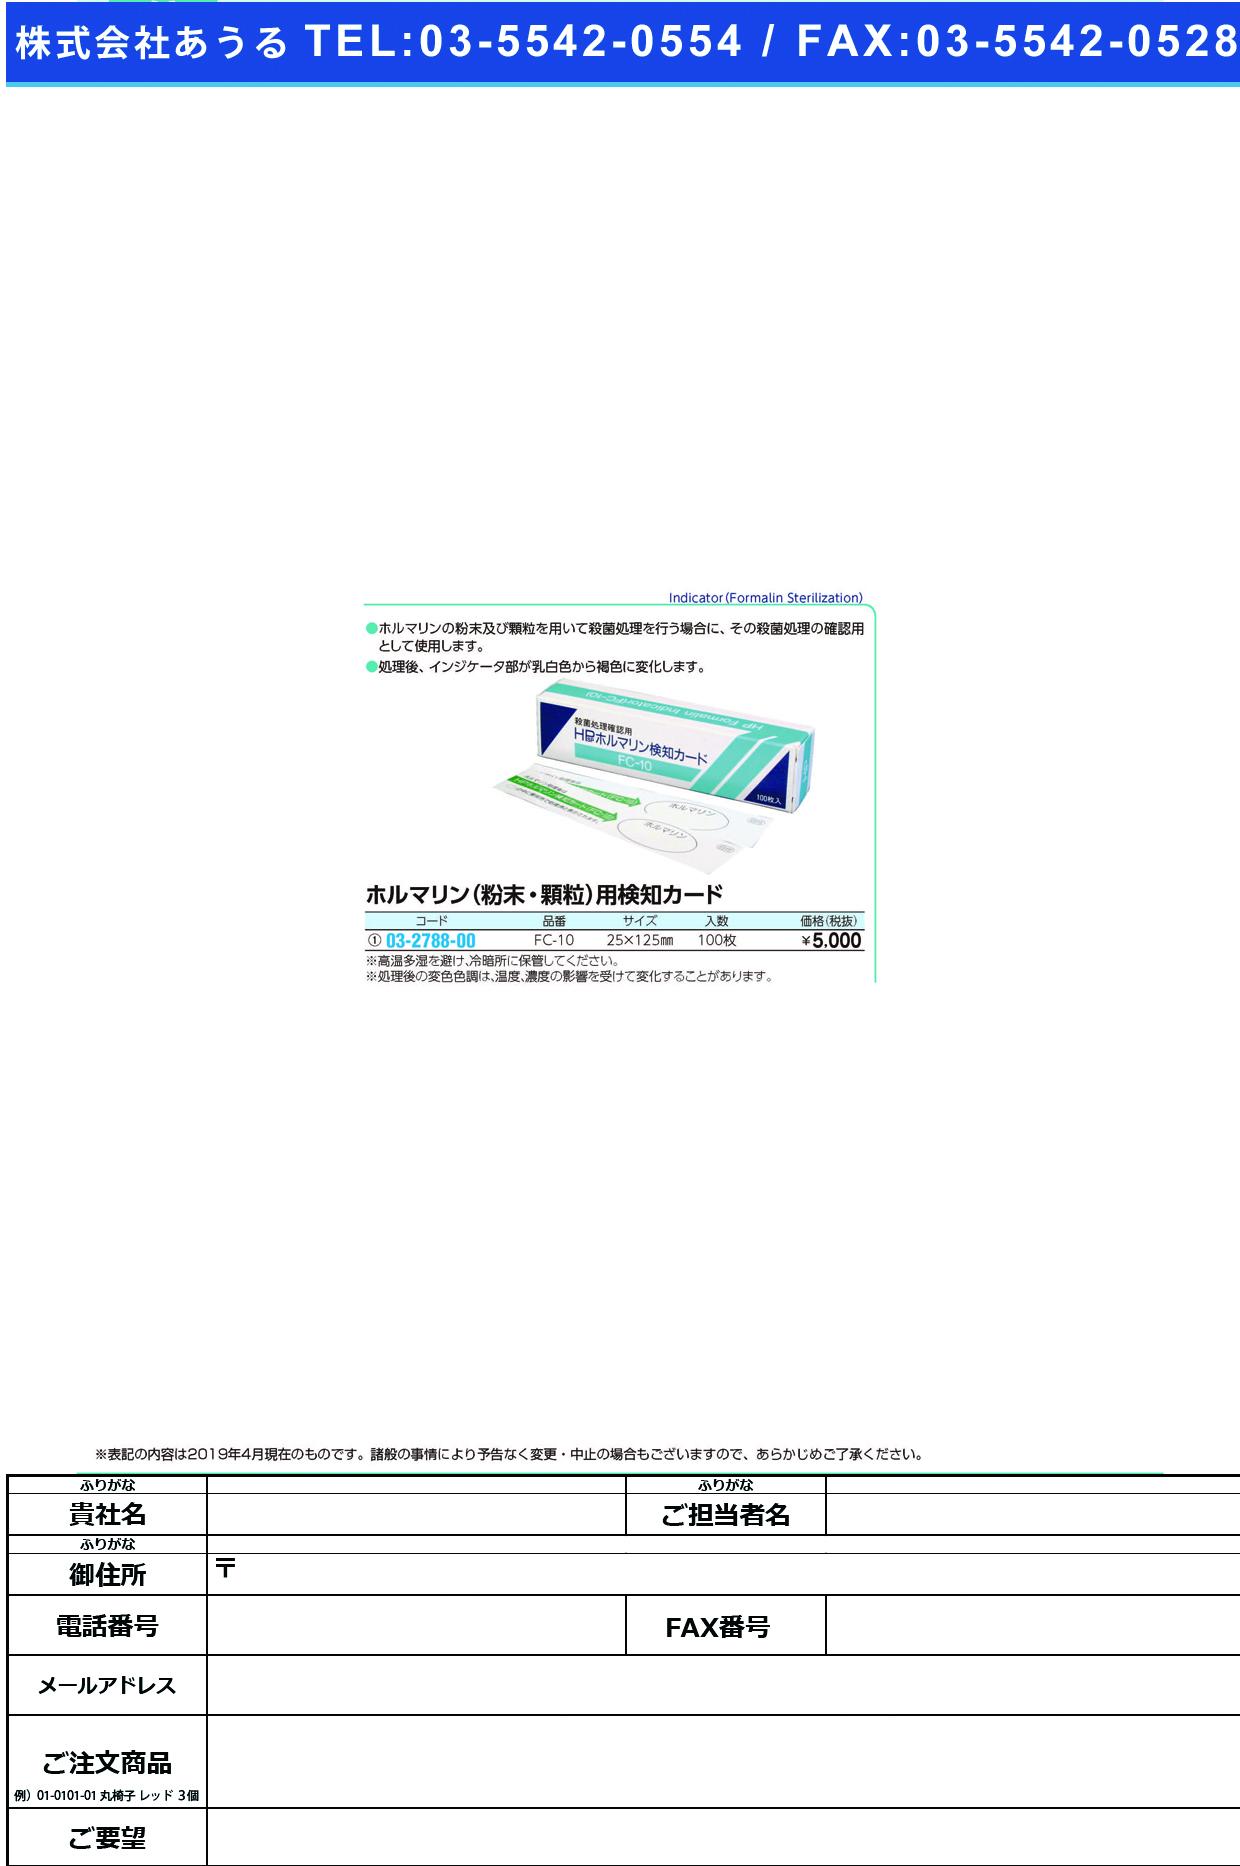 ホルマリン(粉末・顆粒)用検知カード FC-10(25X125MM) ホルマリンケンチカード(イワツキ)